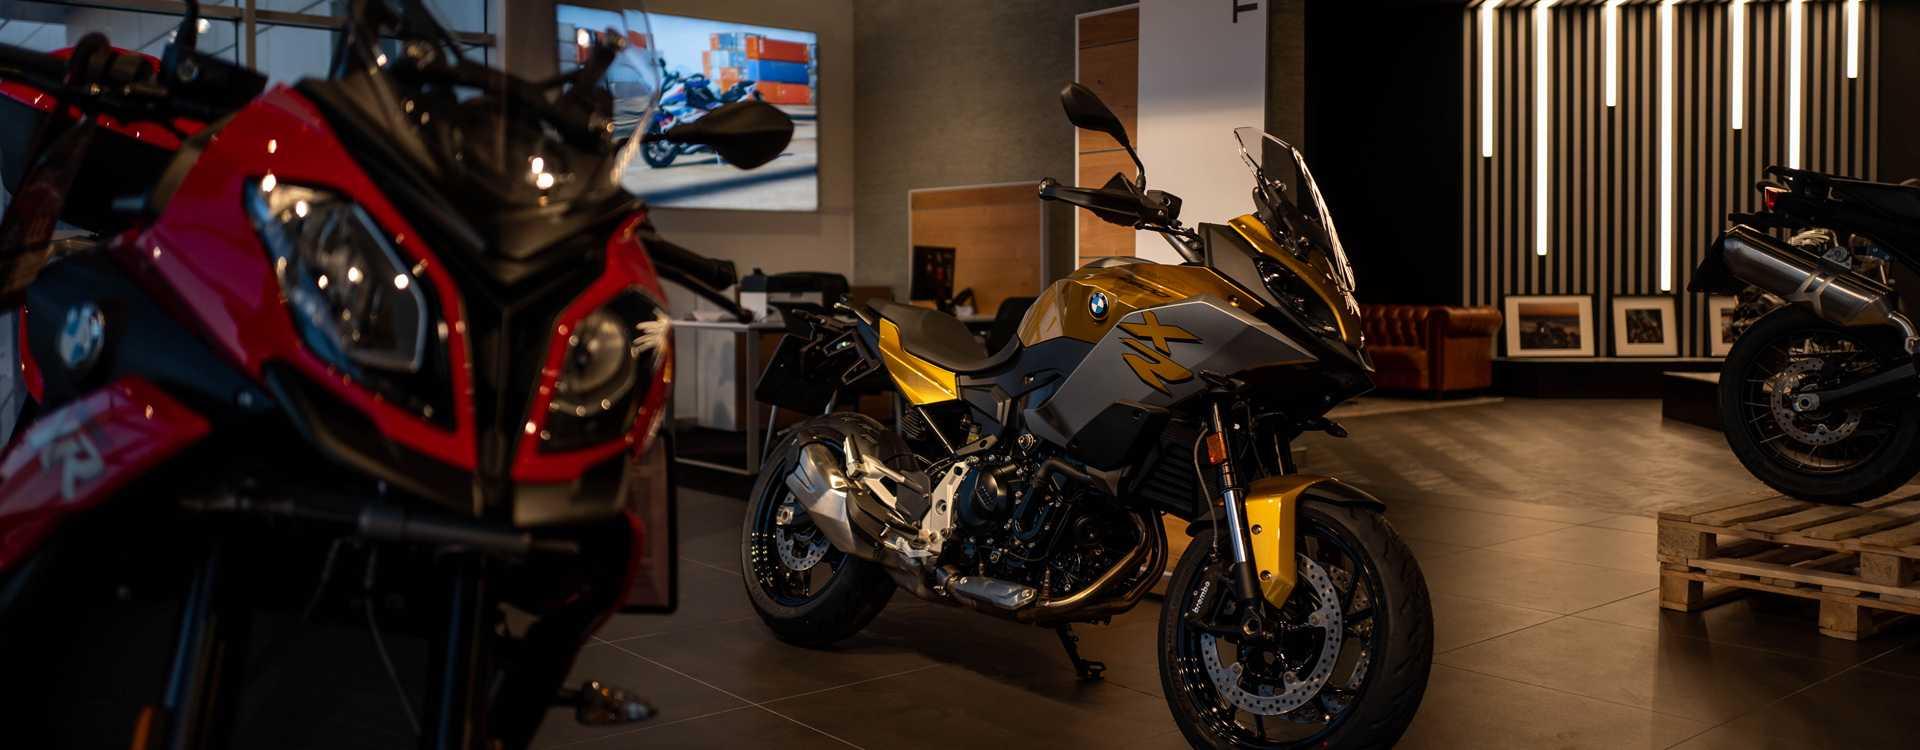 Мотоциклы BMW 2017 модельного года